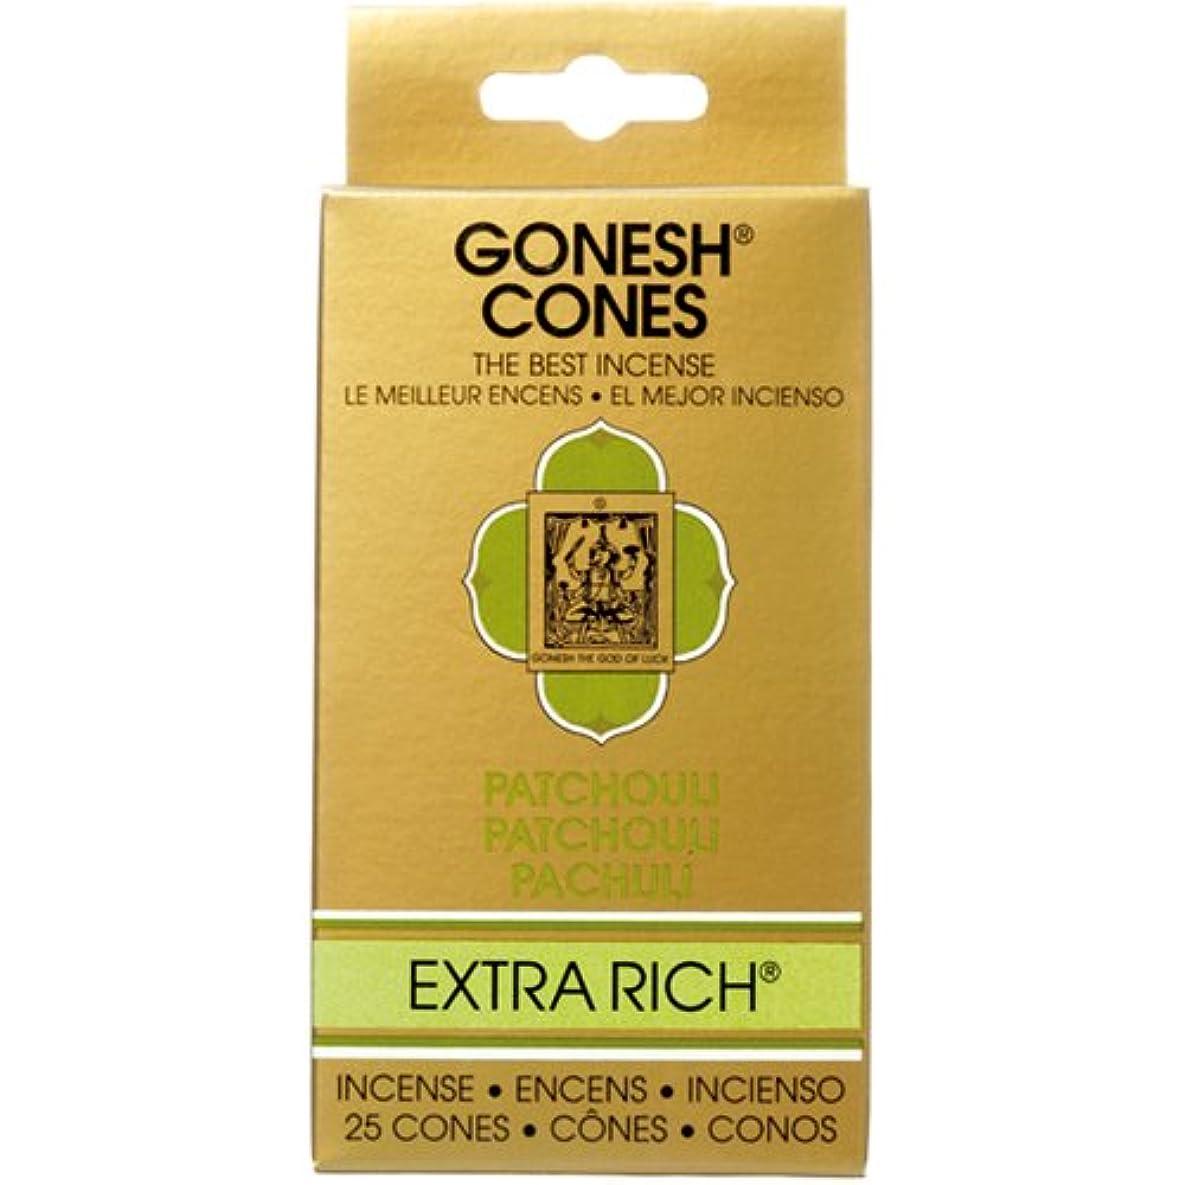 ディスカウント肉の等しいガーネッシュ(GONESH) エクストラリッチ インセンス コーン パチュリ 25個入(お香)